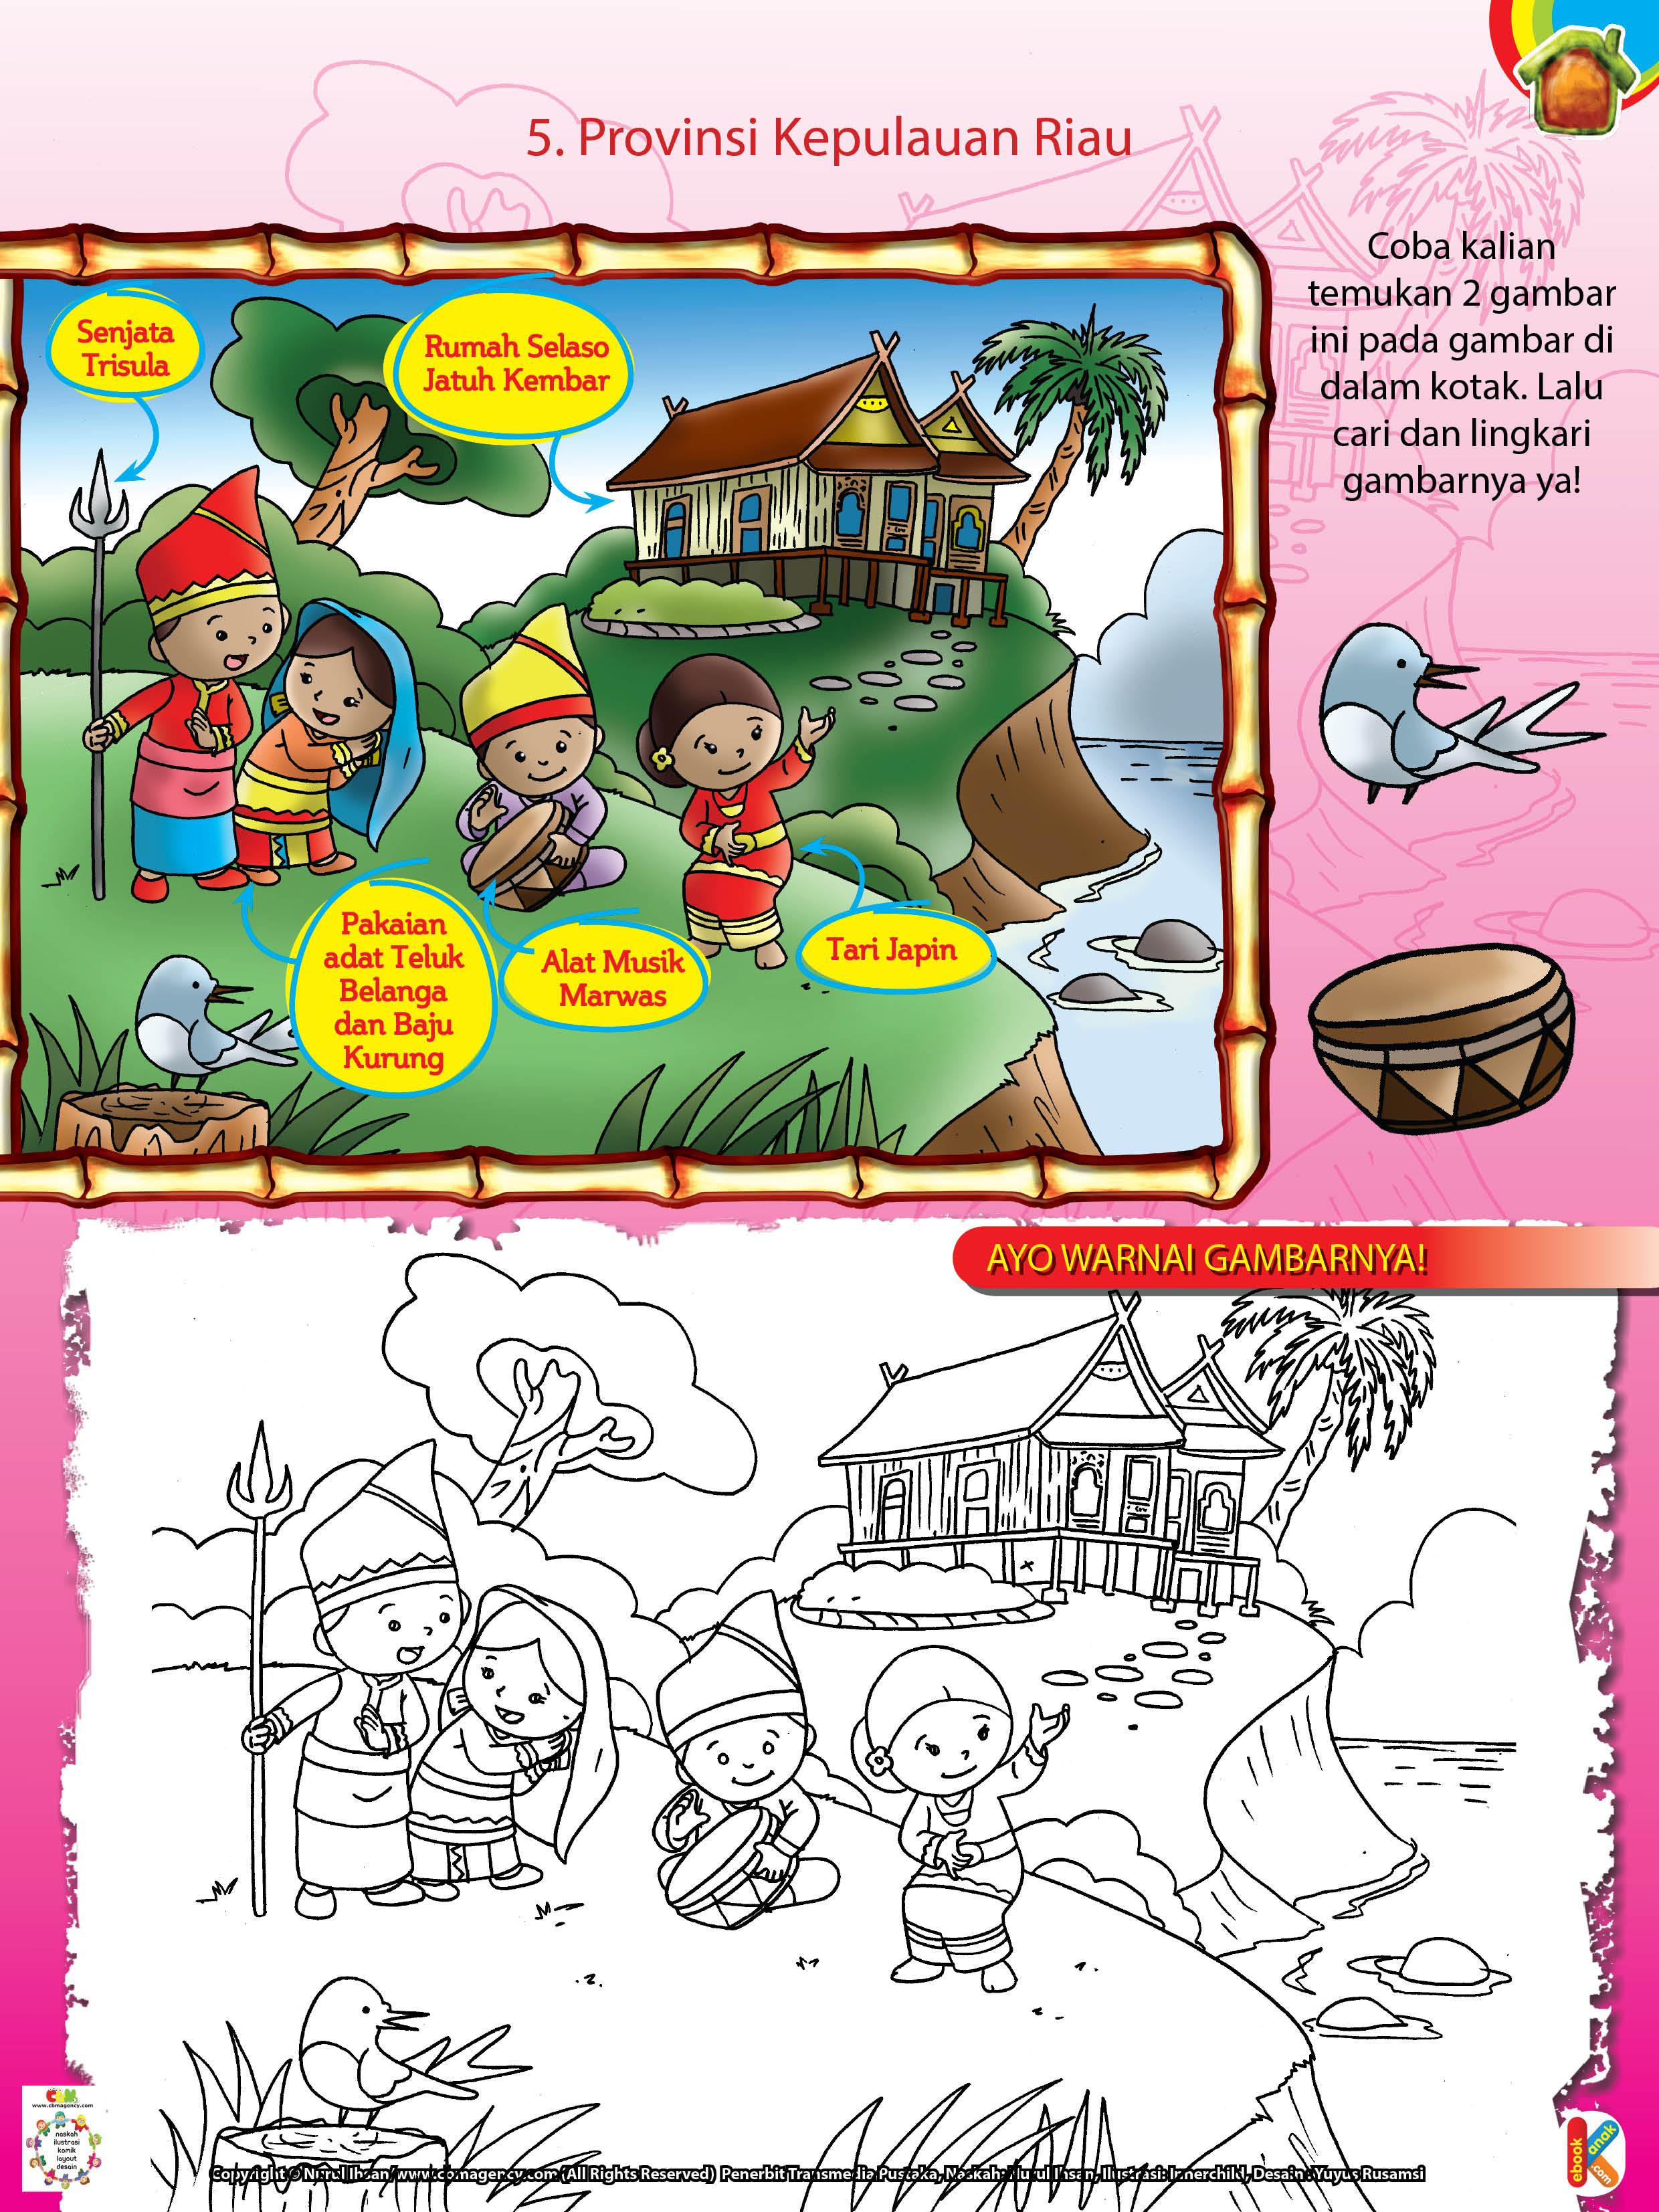 Pahlawan provinsi kepulauan riau adalah Sultan Syarif Kasim II dan Tuanku Tambusai